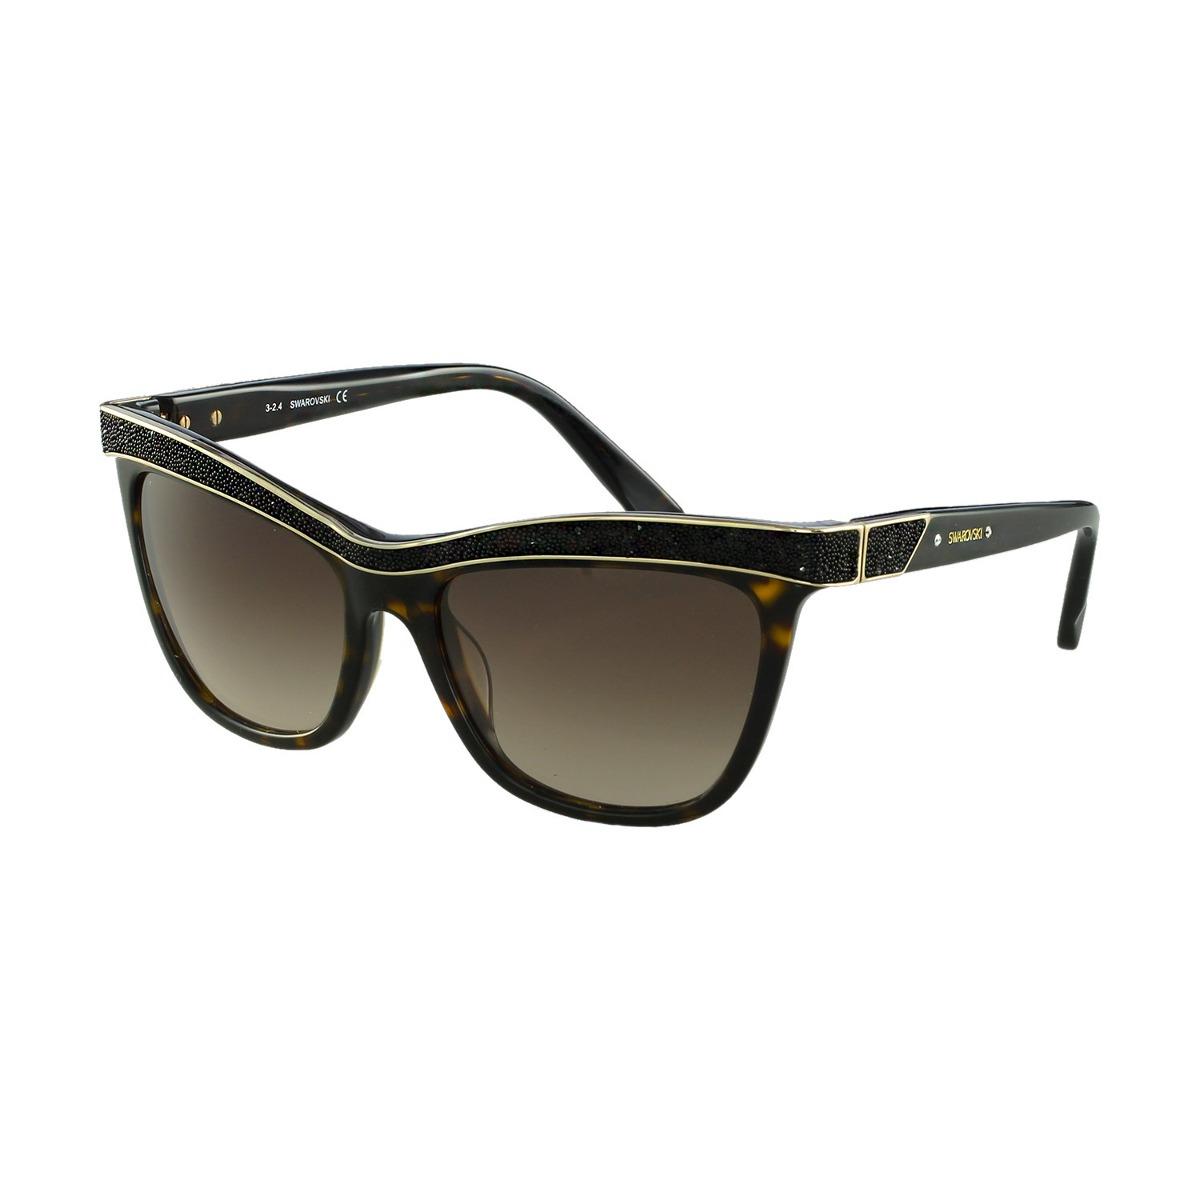 Óculos De Sol Swarovski Fashion Marrom - R  991,00 em Mercado Livre 63cfe0529b